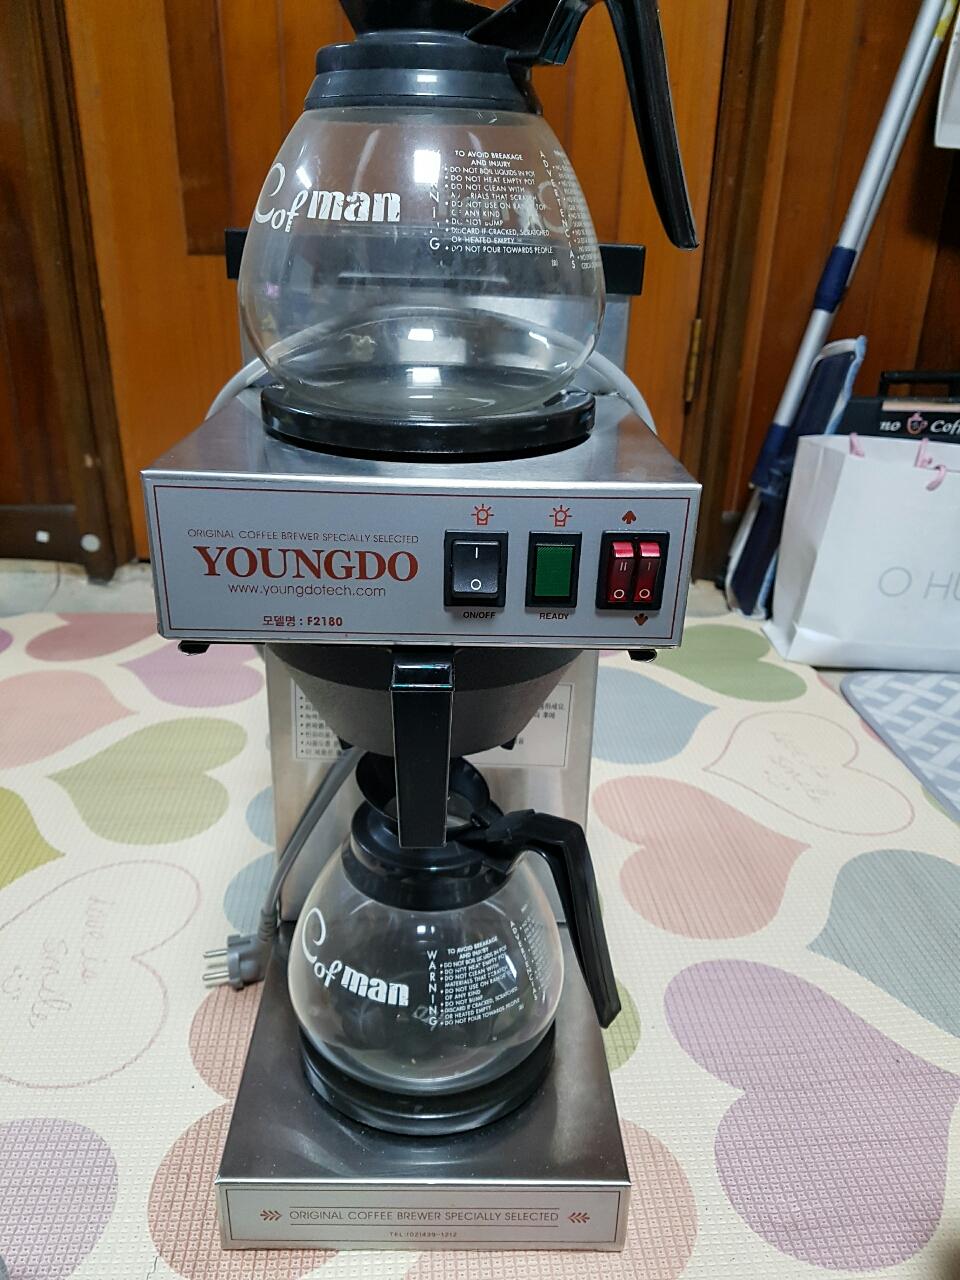 커피브로워.(영업장.사무실.가정에서커피내리는기계.디켄터하나에12잔.깨끗해요.드립방식이라 깔끔한맛이예요